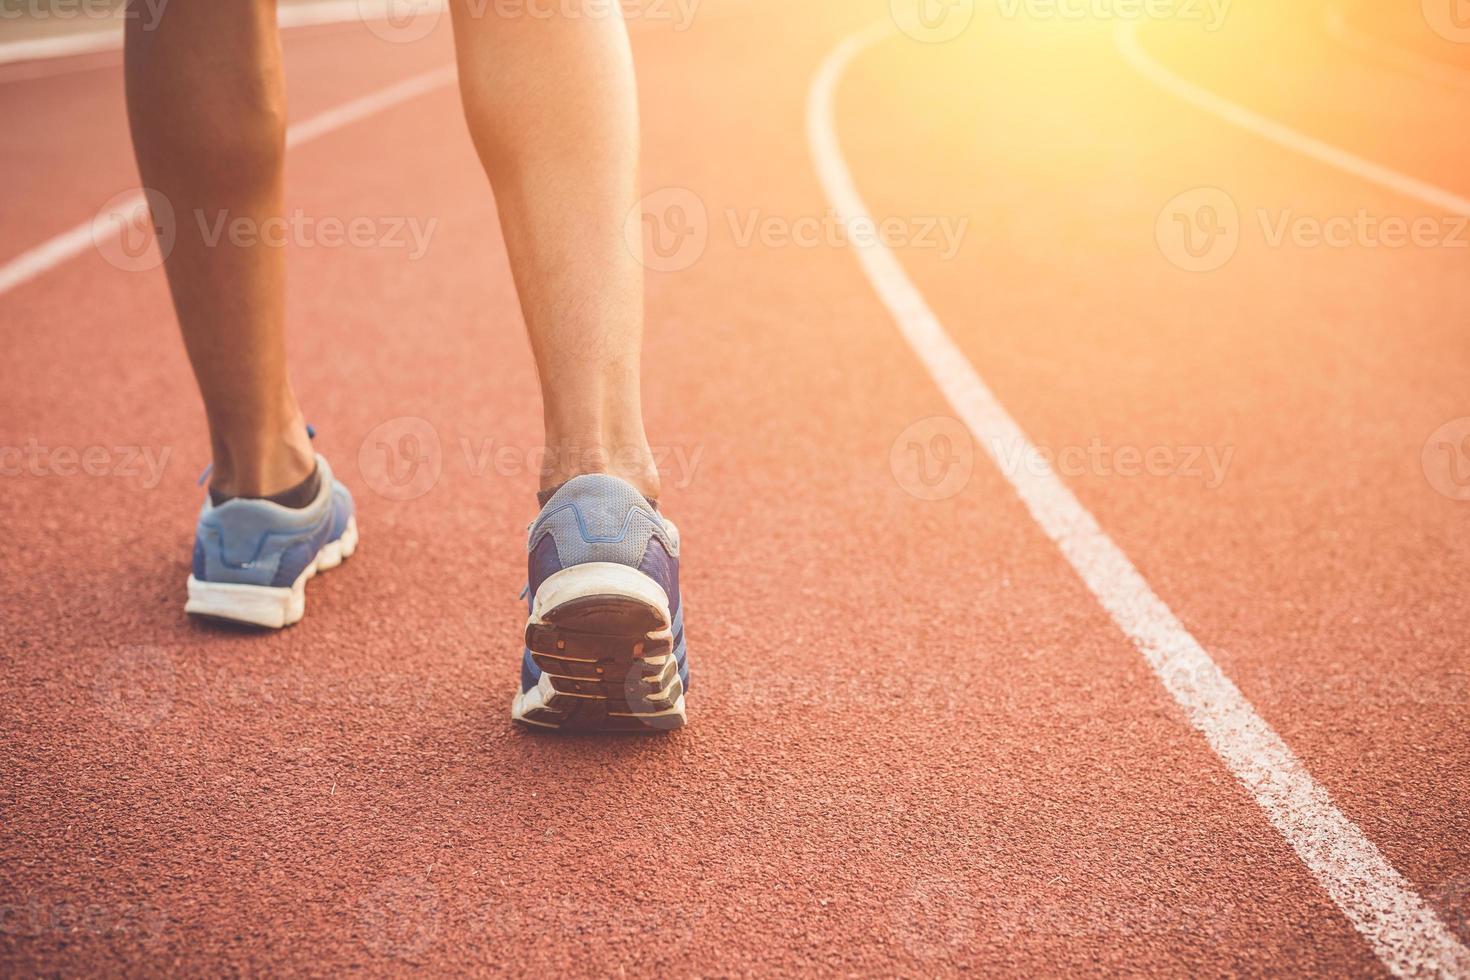 pieds de coureur sur le stade en cours d'exécution photo